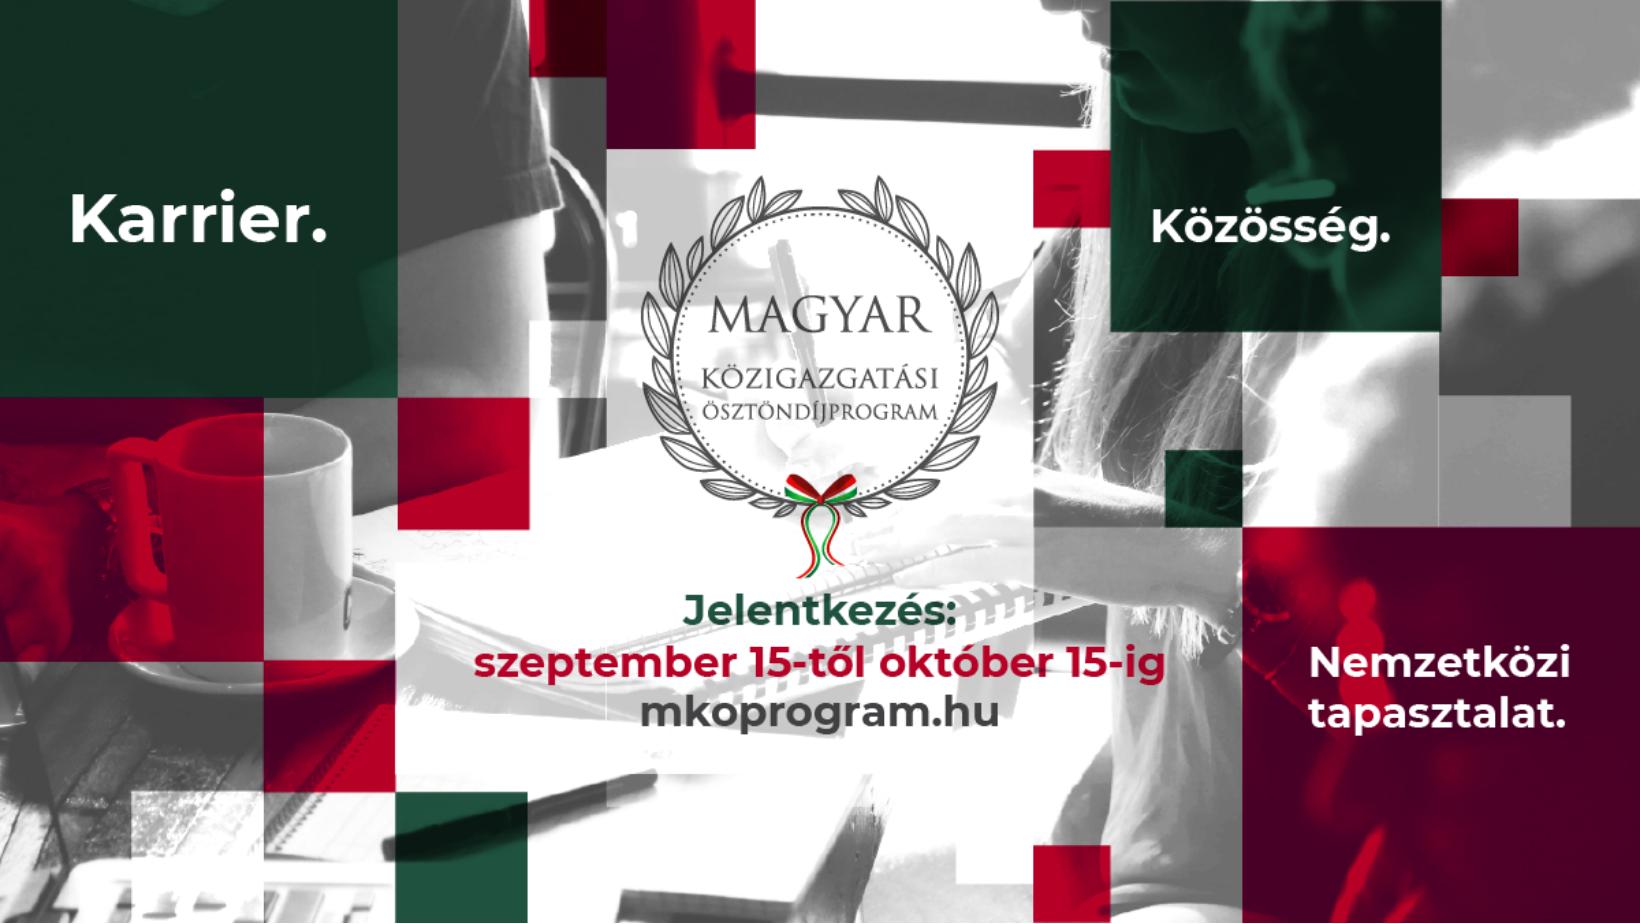 Október 15-ig lehet jelentkezni az MKÖ 2022-es évfolyamába